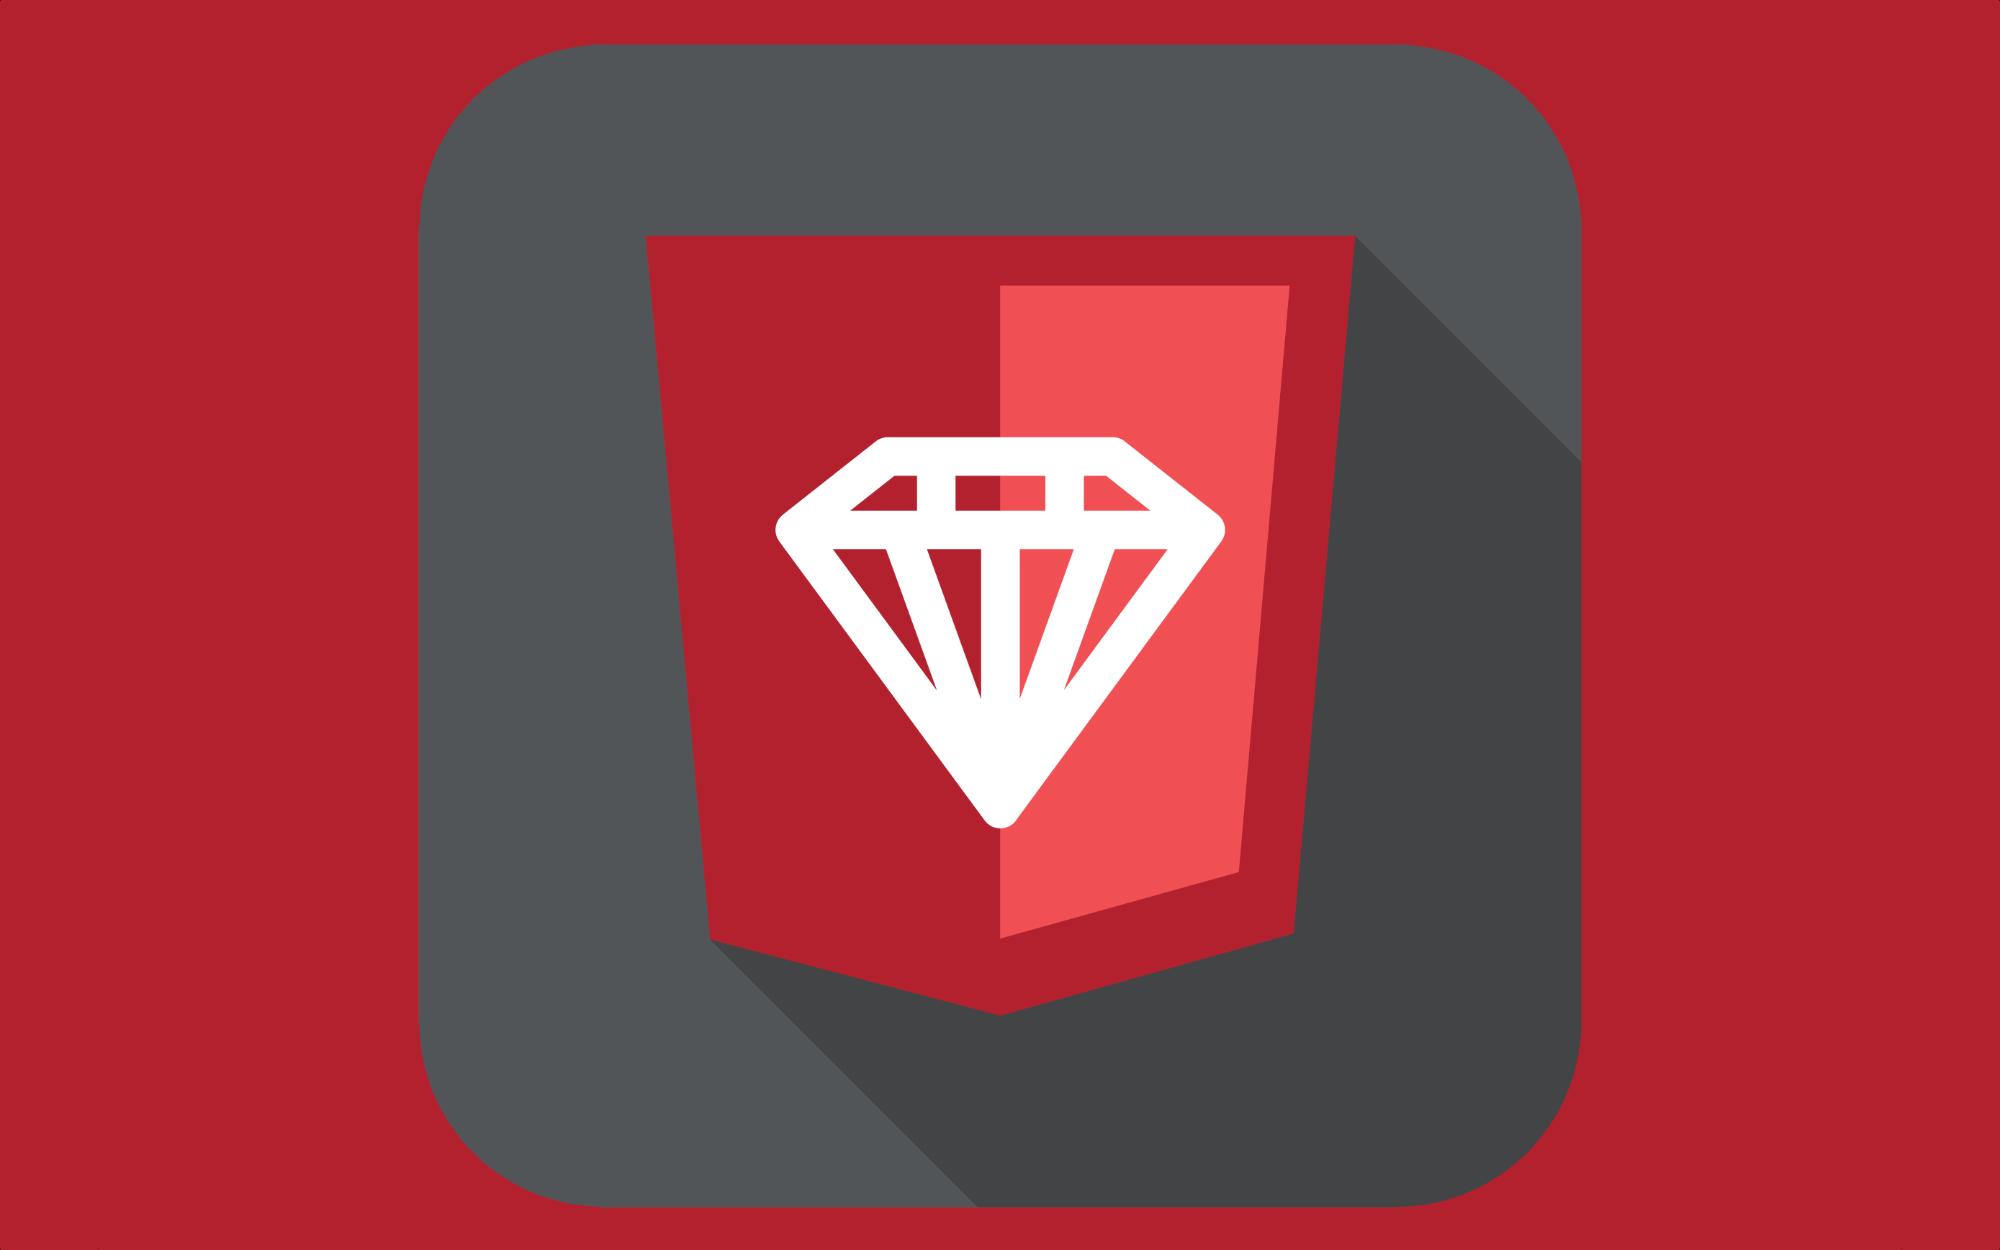 آموزش برنامه نویسی با روبی (قسمت چهارم) : ساختار کنترلی در Ruby